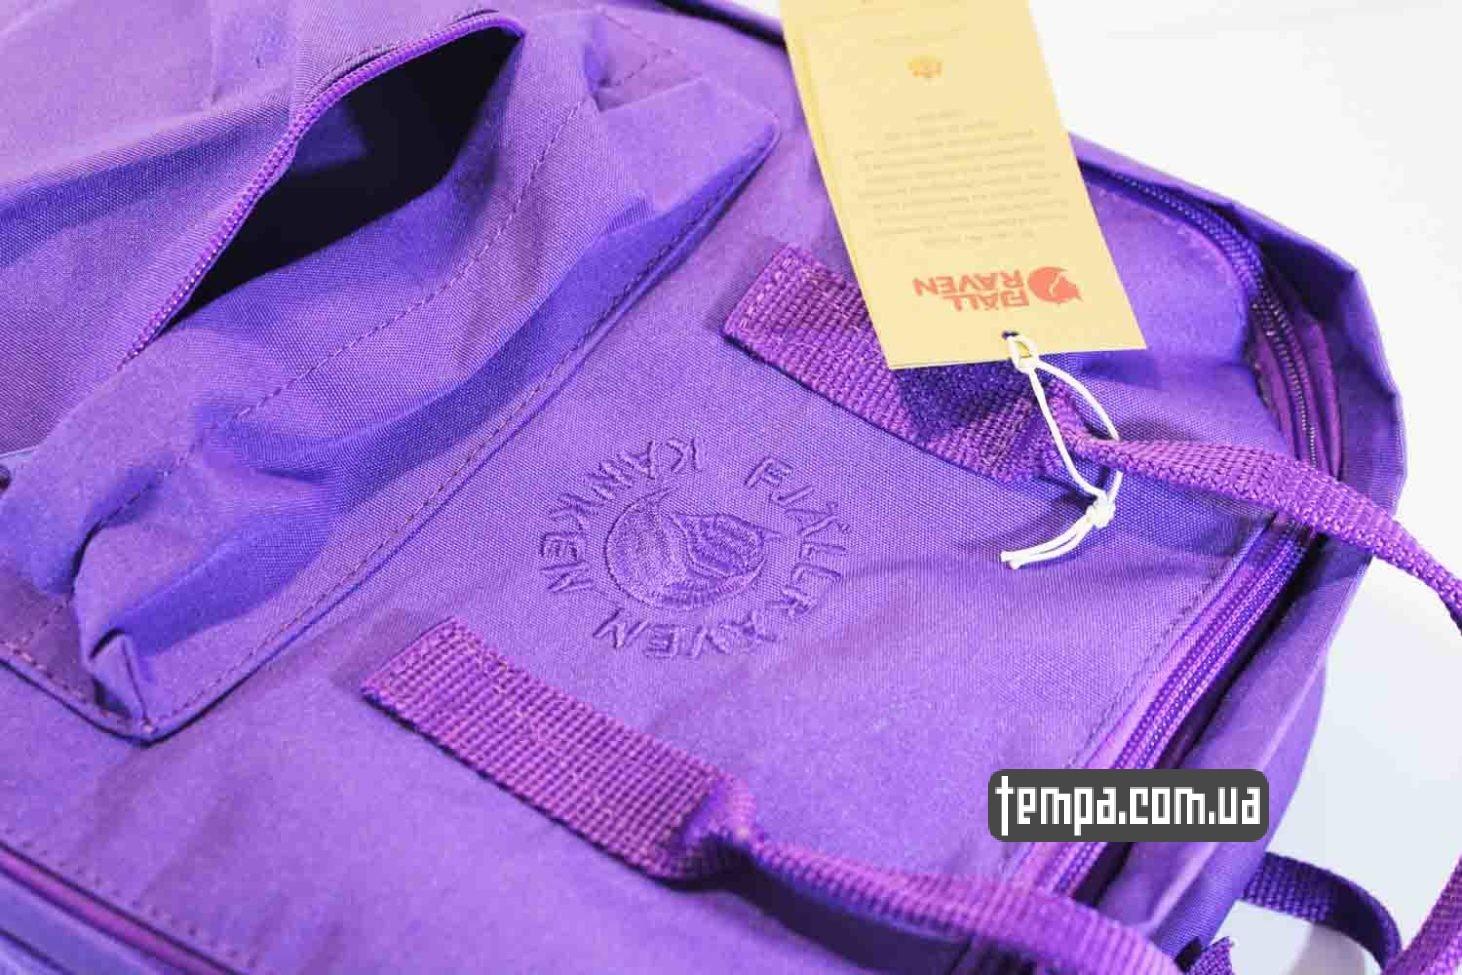 канкены купить заказать киев одесса рюкзак re kanken fjallraven purple сиреневый фиолетовый